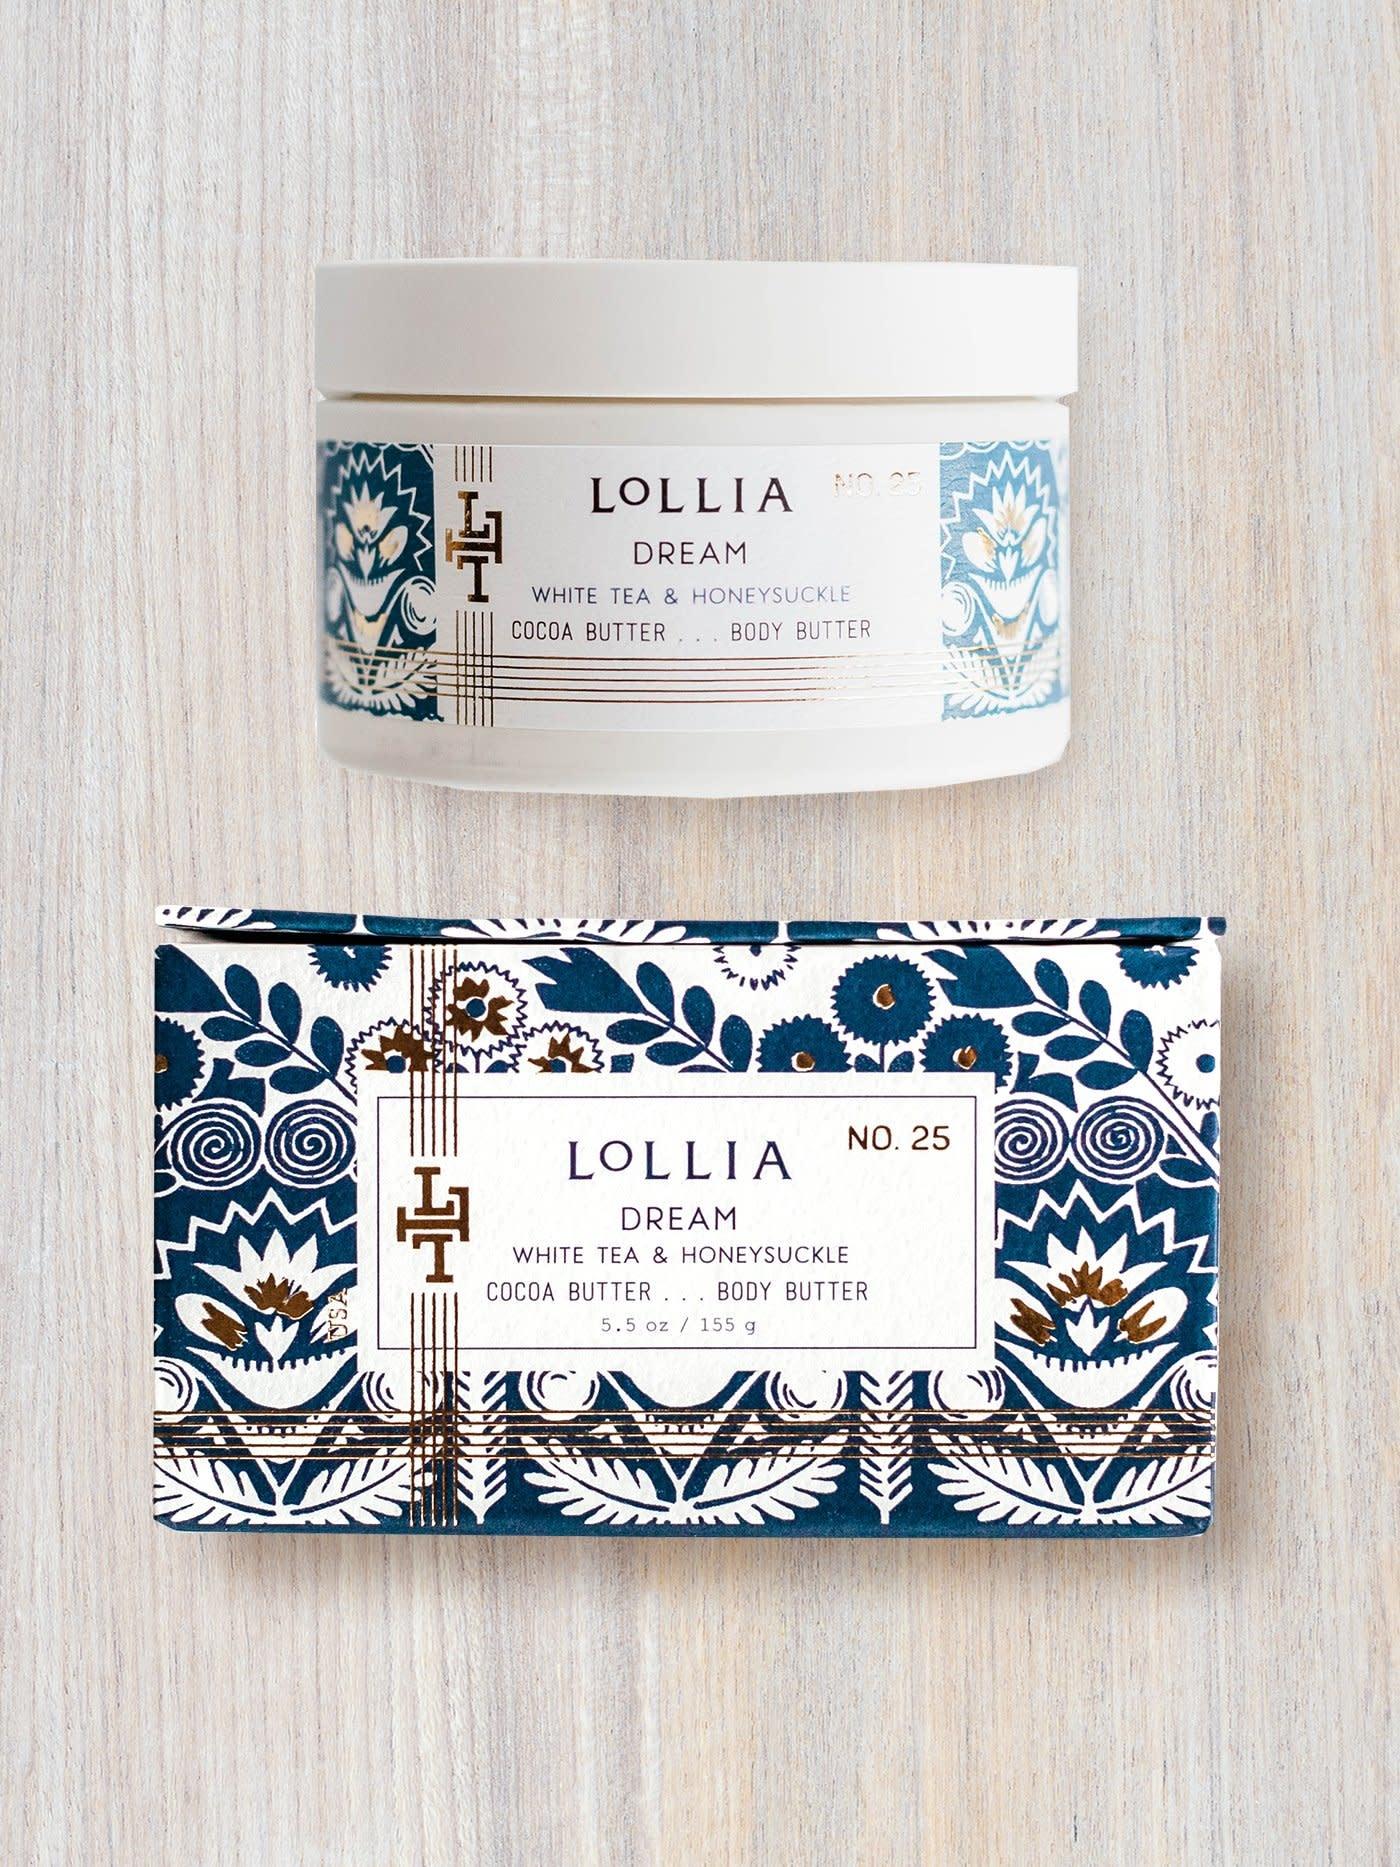 Lollia Dream Body Butter